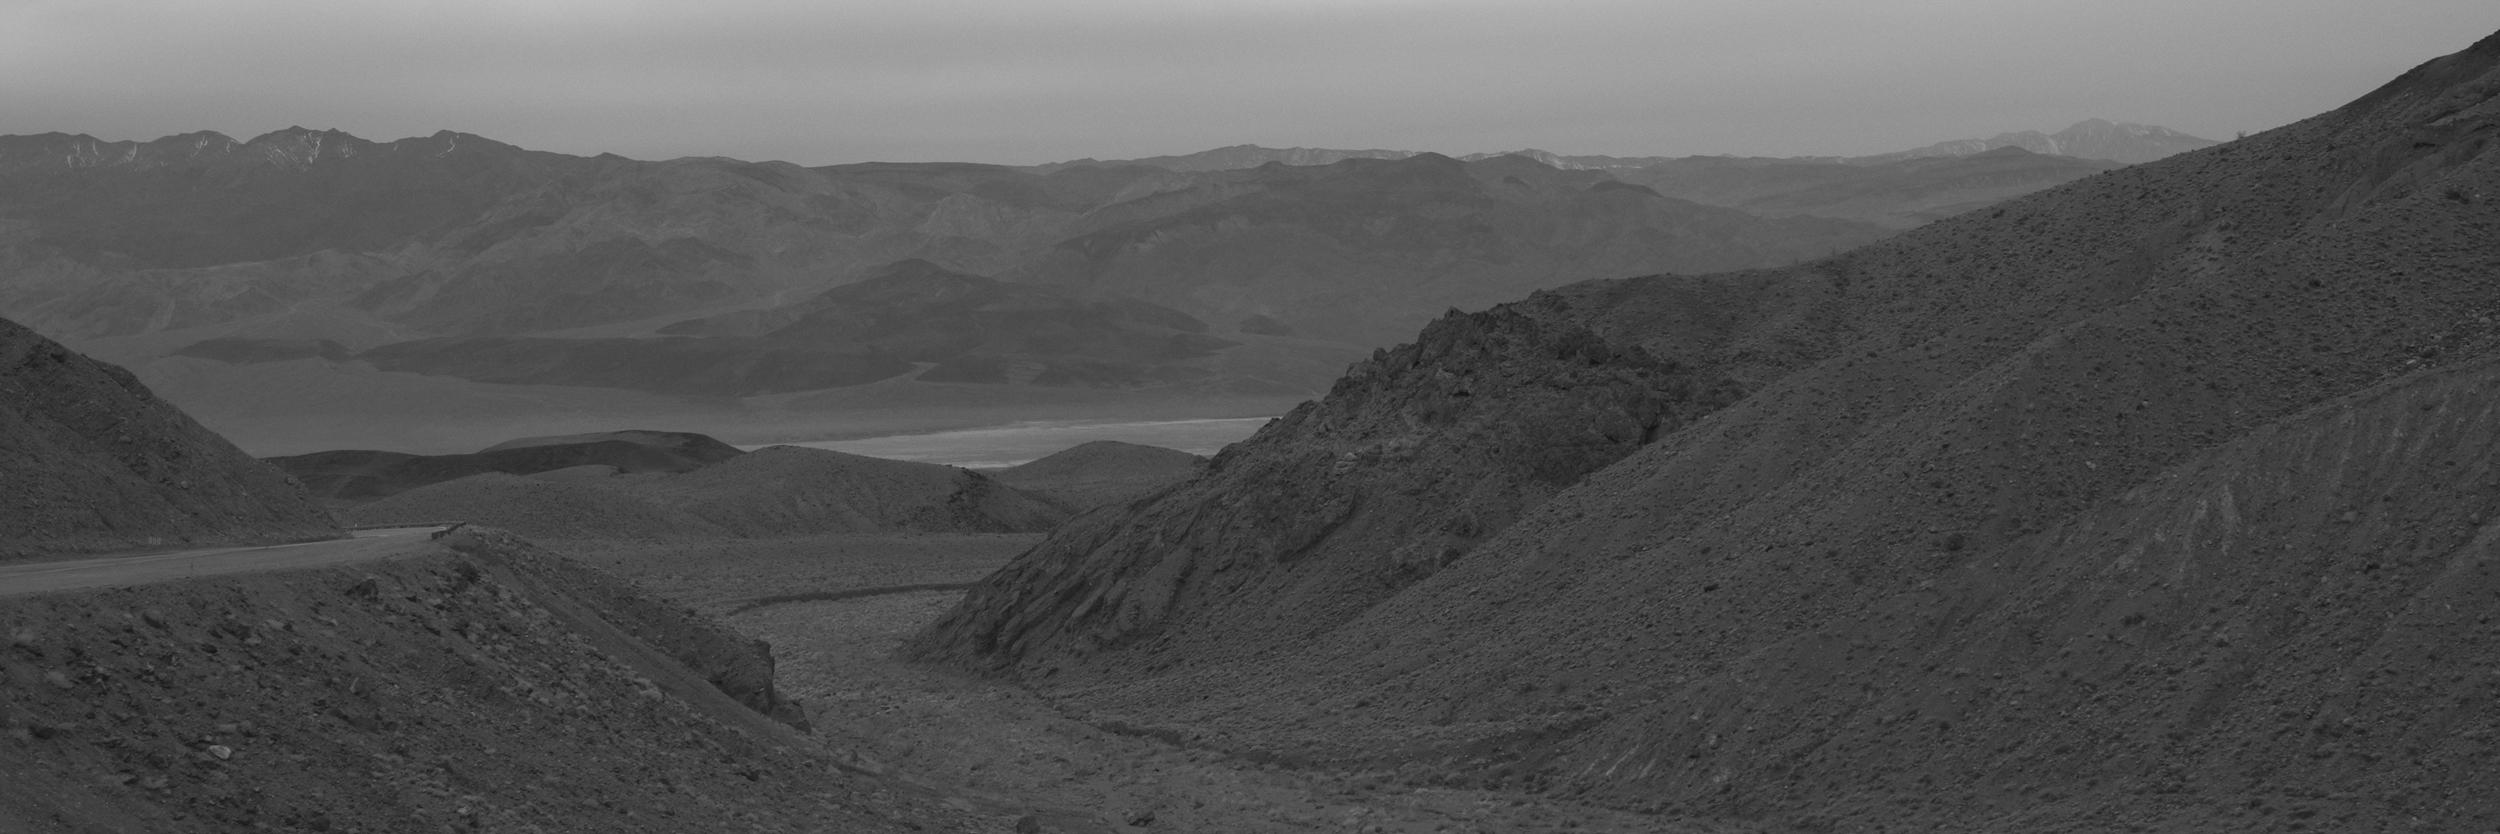 Death_Valley_DSC6542.jpg